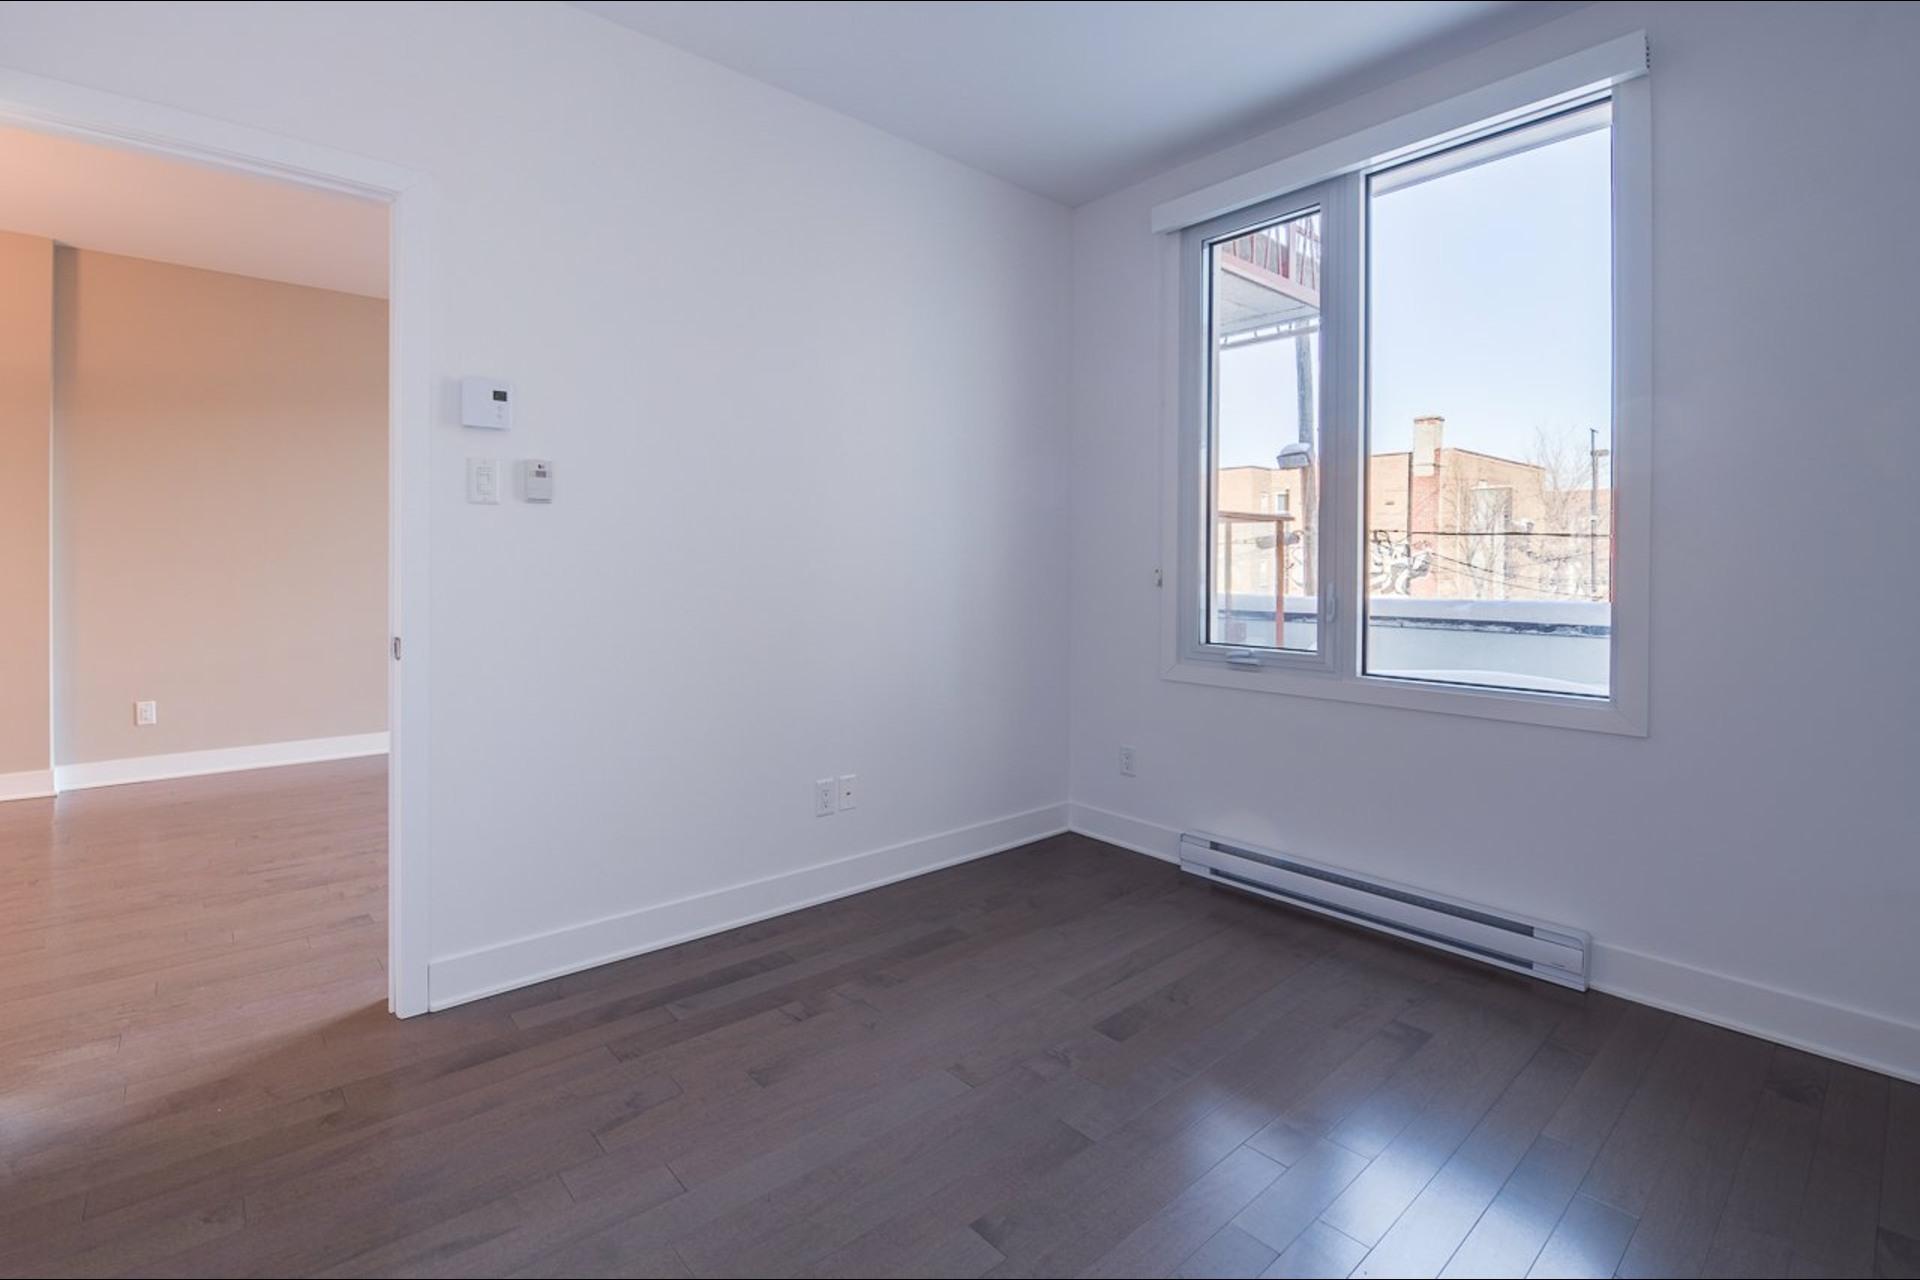 image 4 - Appartement À louer Montréal Rosemont/La Petite-Patrie  - 4 pièces